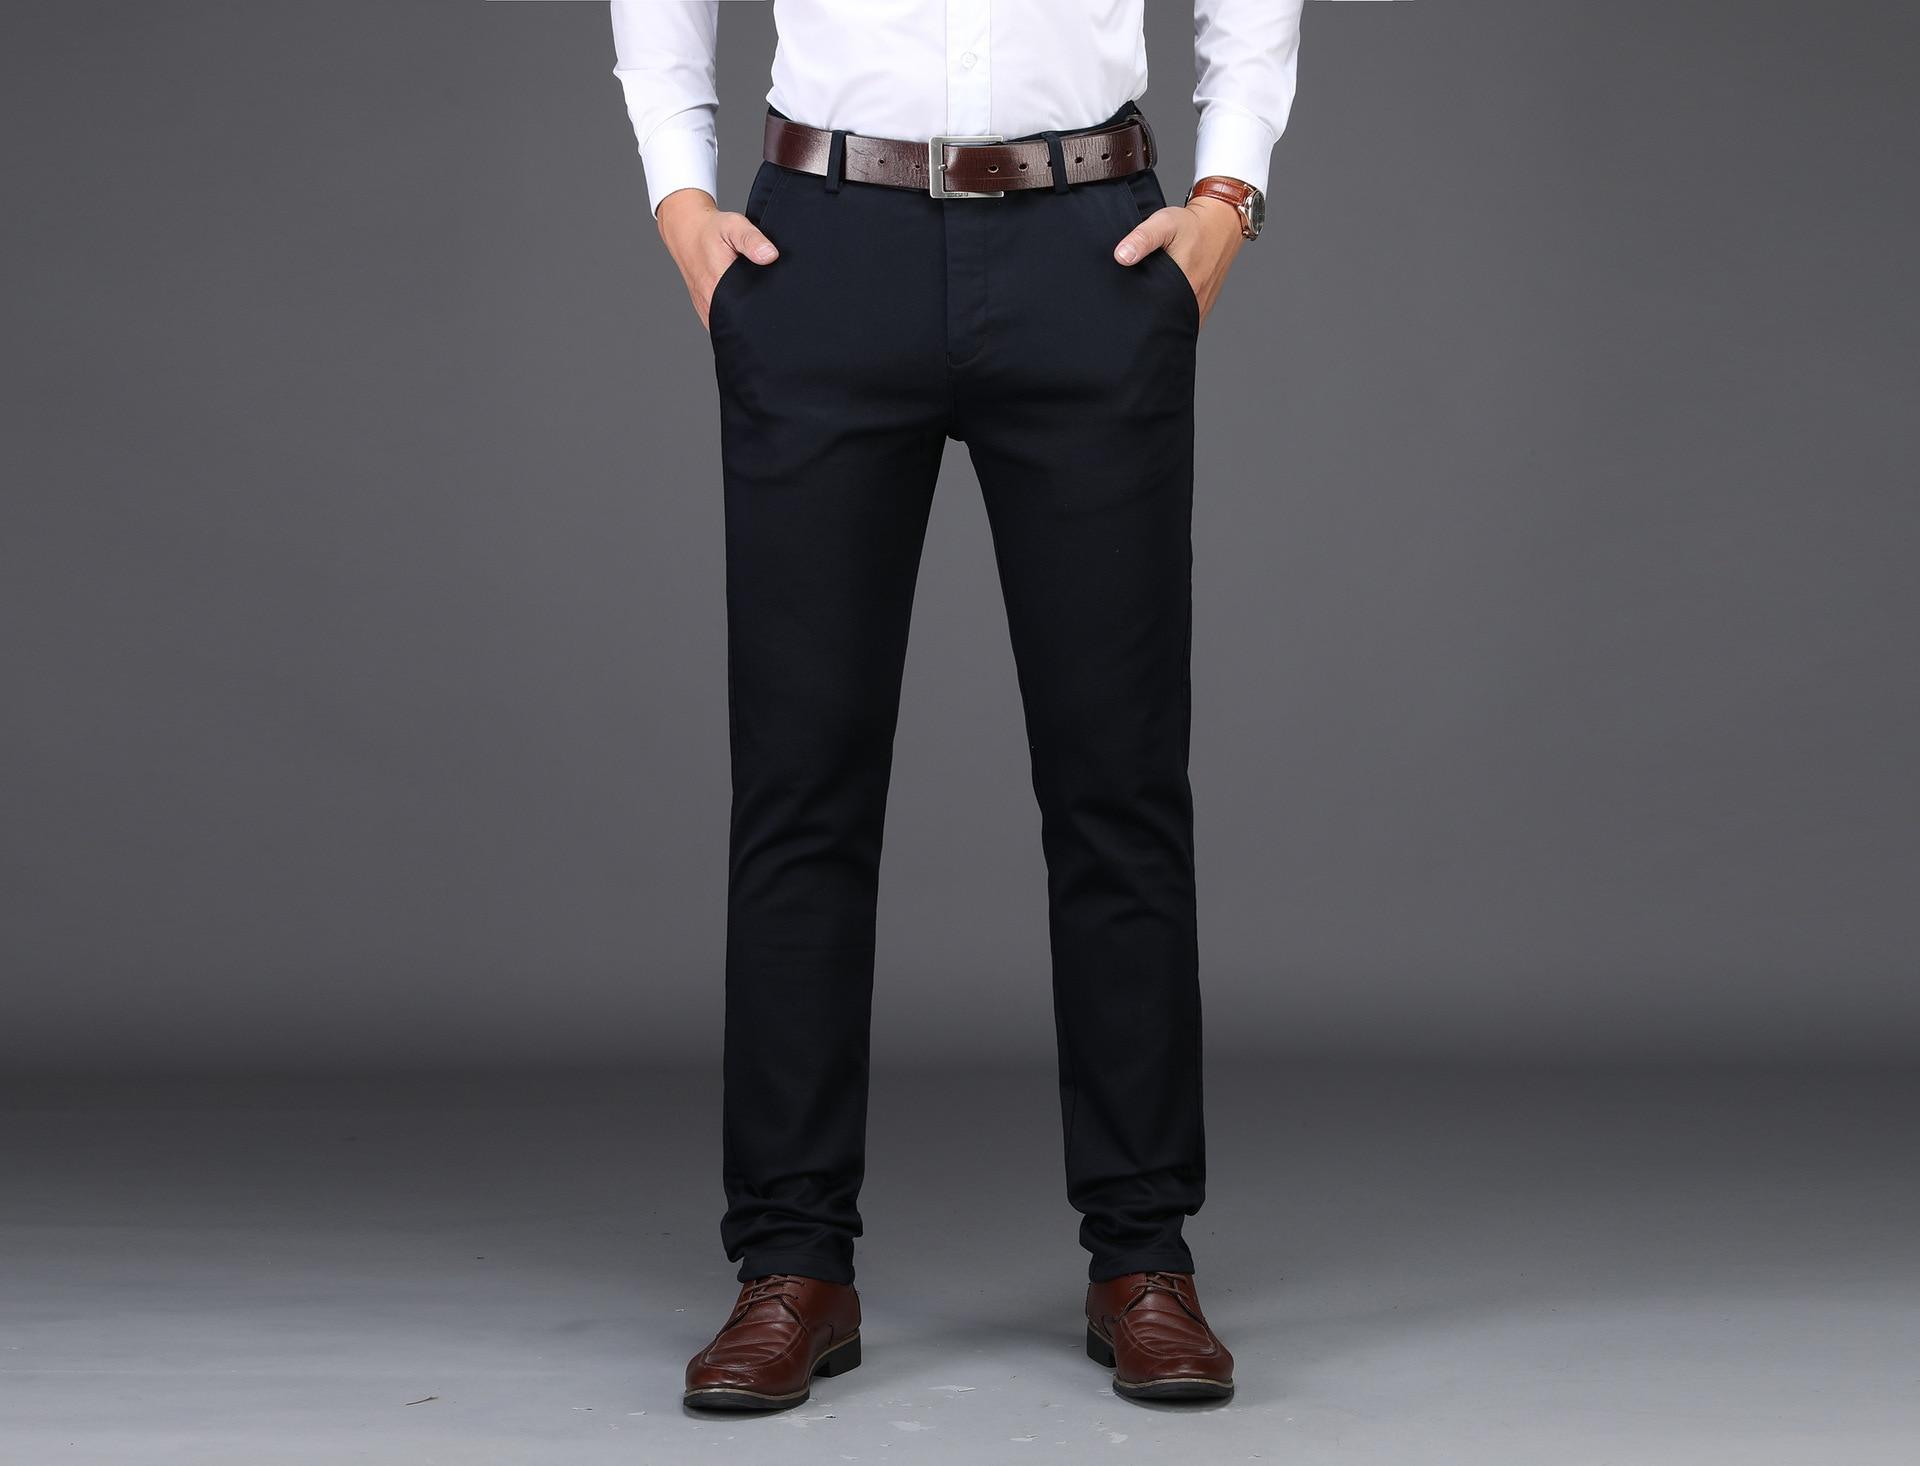 Casual Pants Men Solid Color Business Straight Slim Long Pants 1820 # Men's Autumn & Winter-Multi-color-